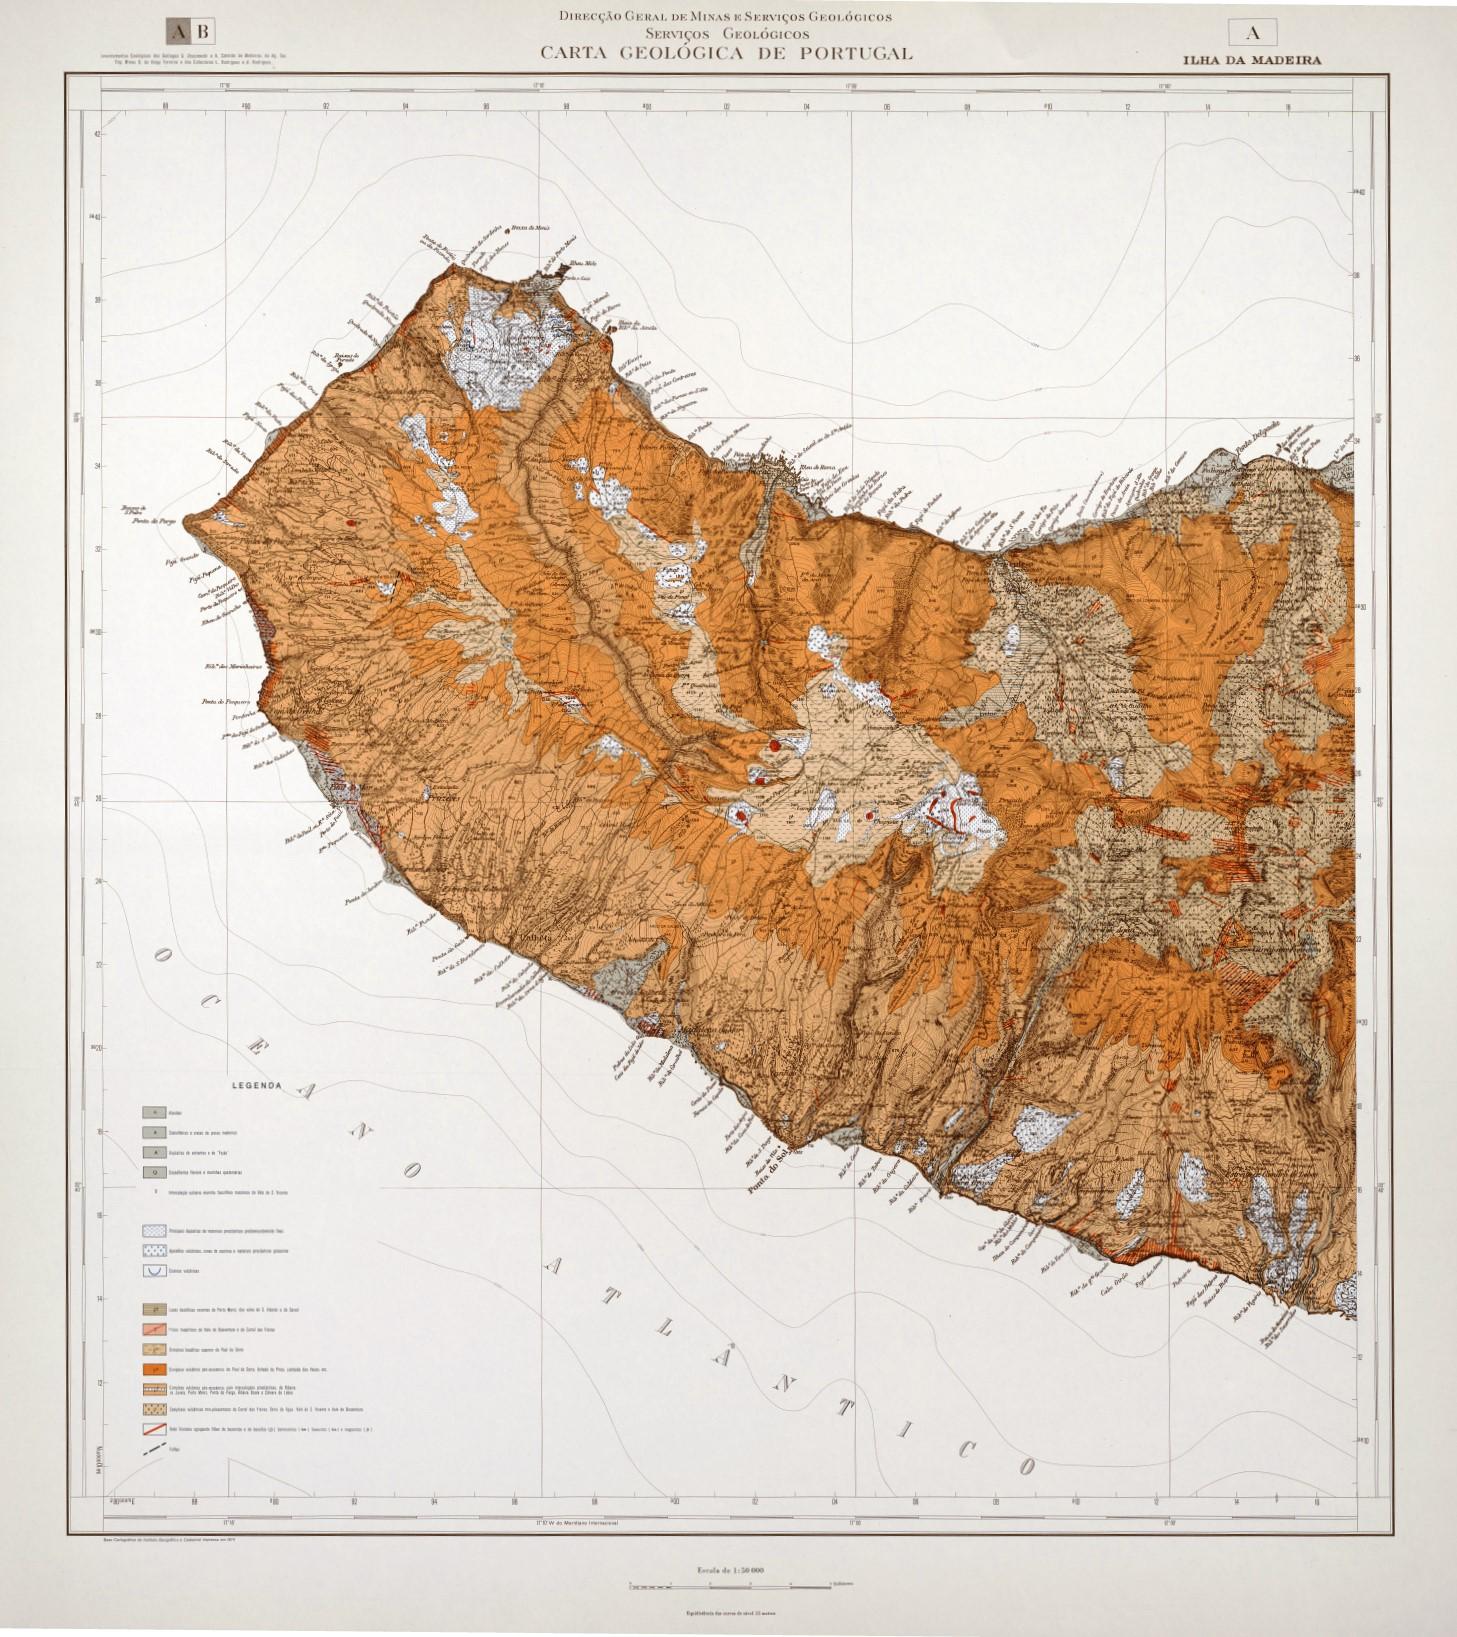 Ilha da Madeira - Folha A 50k